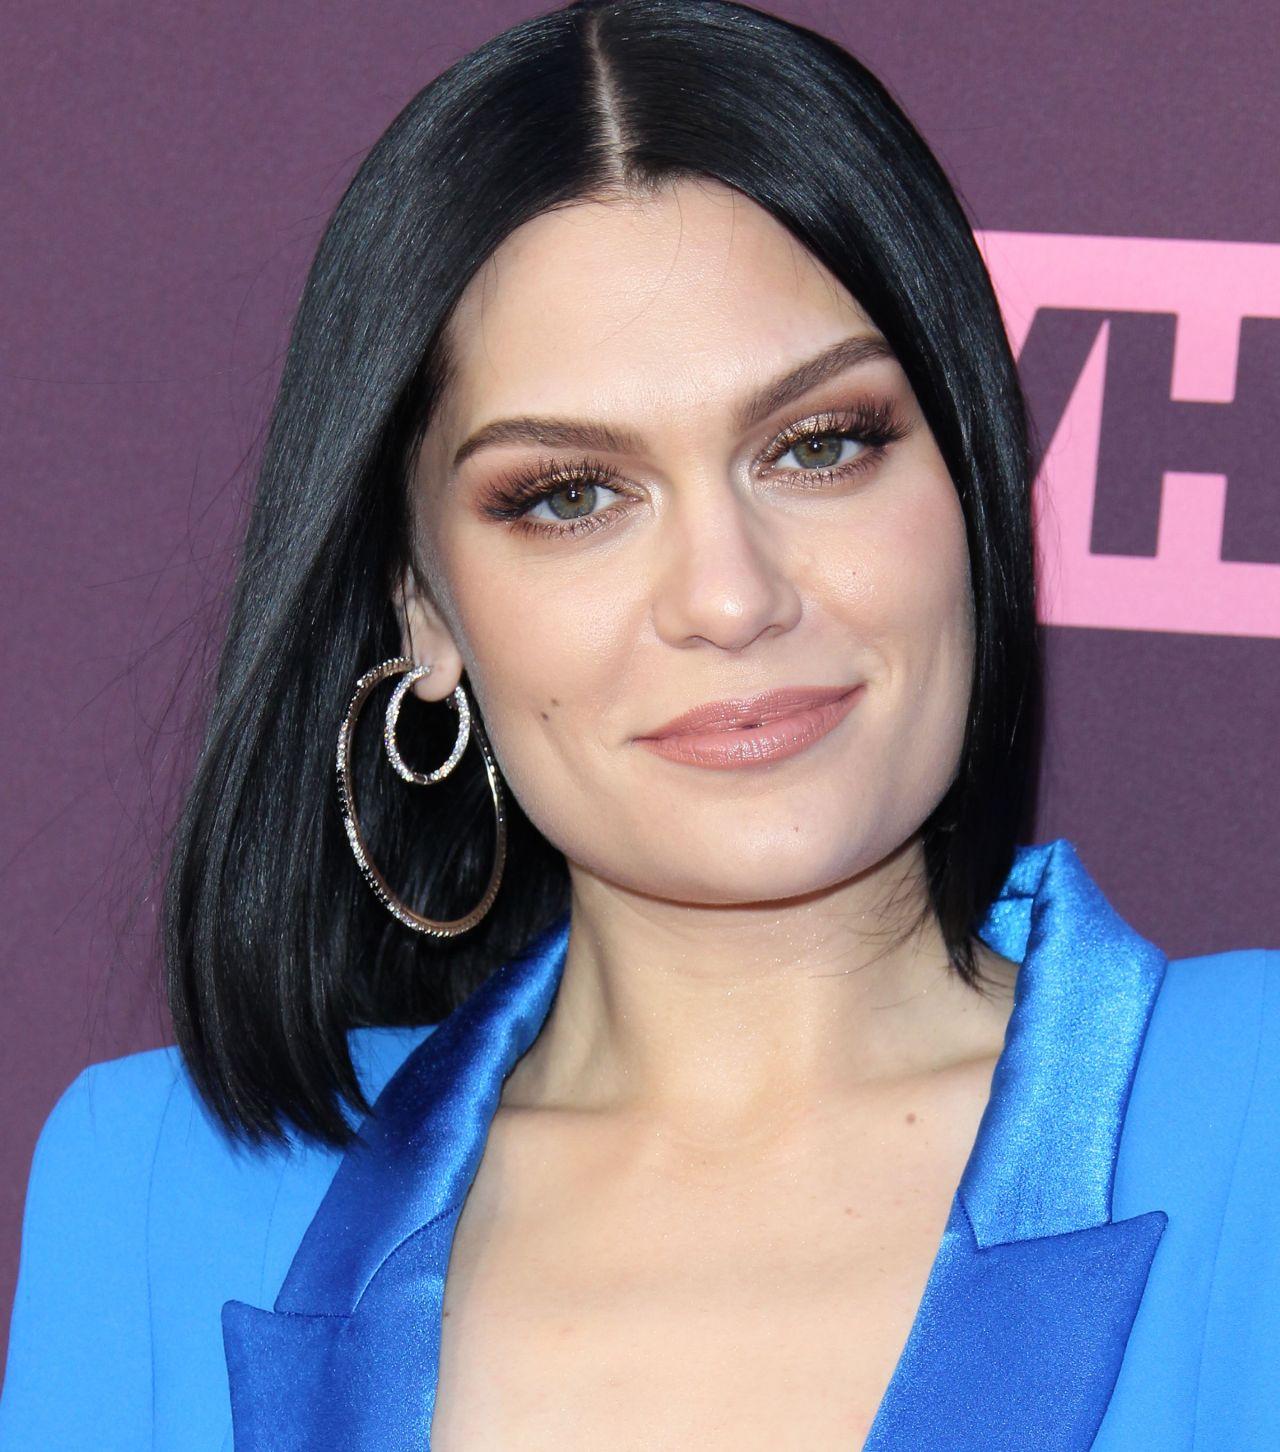 Jessie j 2018